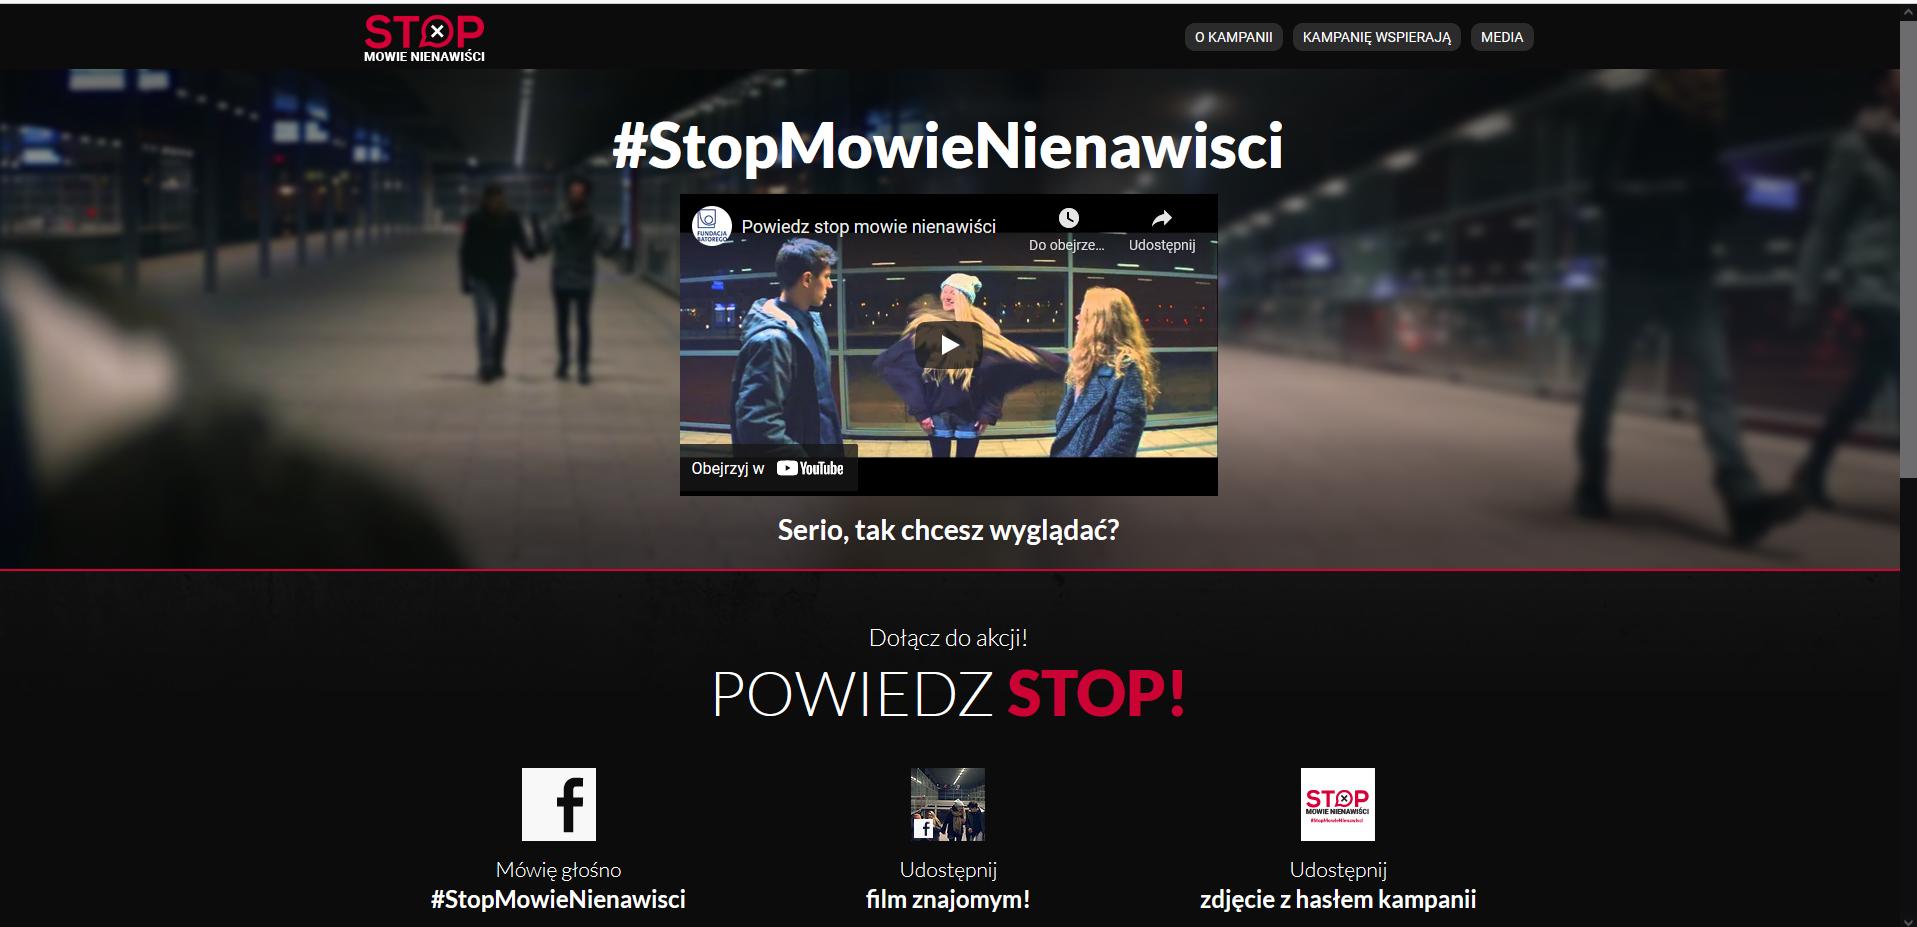 #StopMowieNienawiści